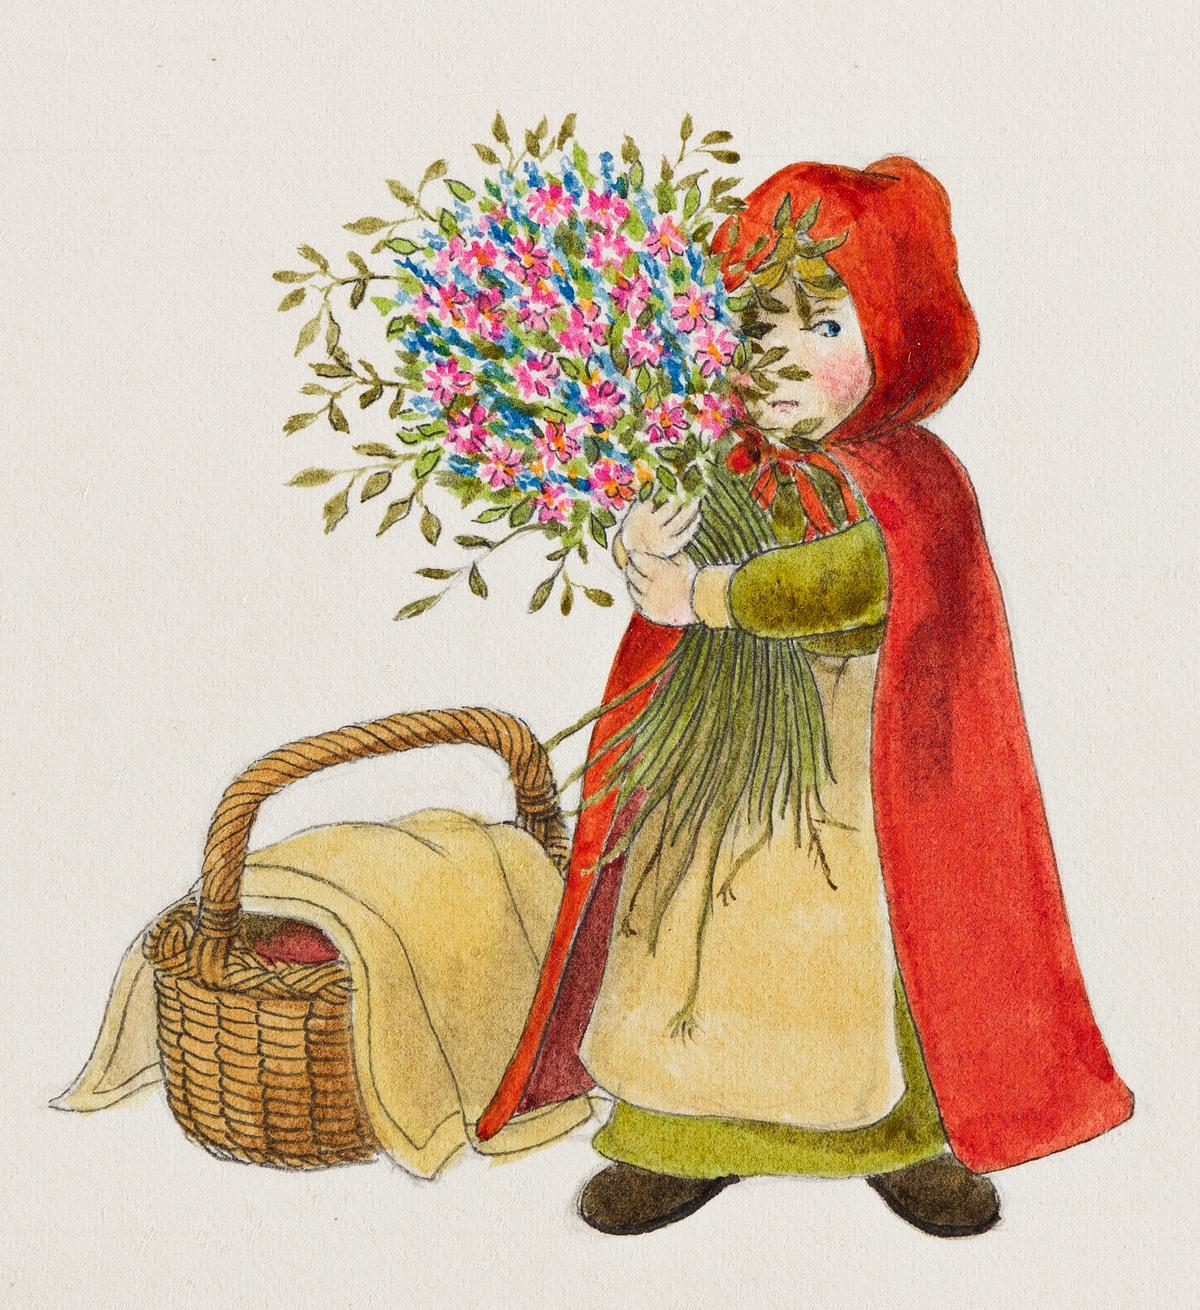 WILLIAM PÈNE DU BOIS (1916-1993) Little Red Riding Hood with Basket & Bouquet. [CHILDRENS / FAIRY TALE]